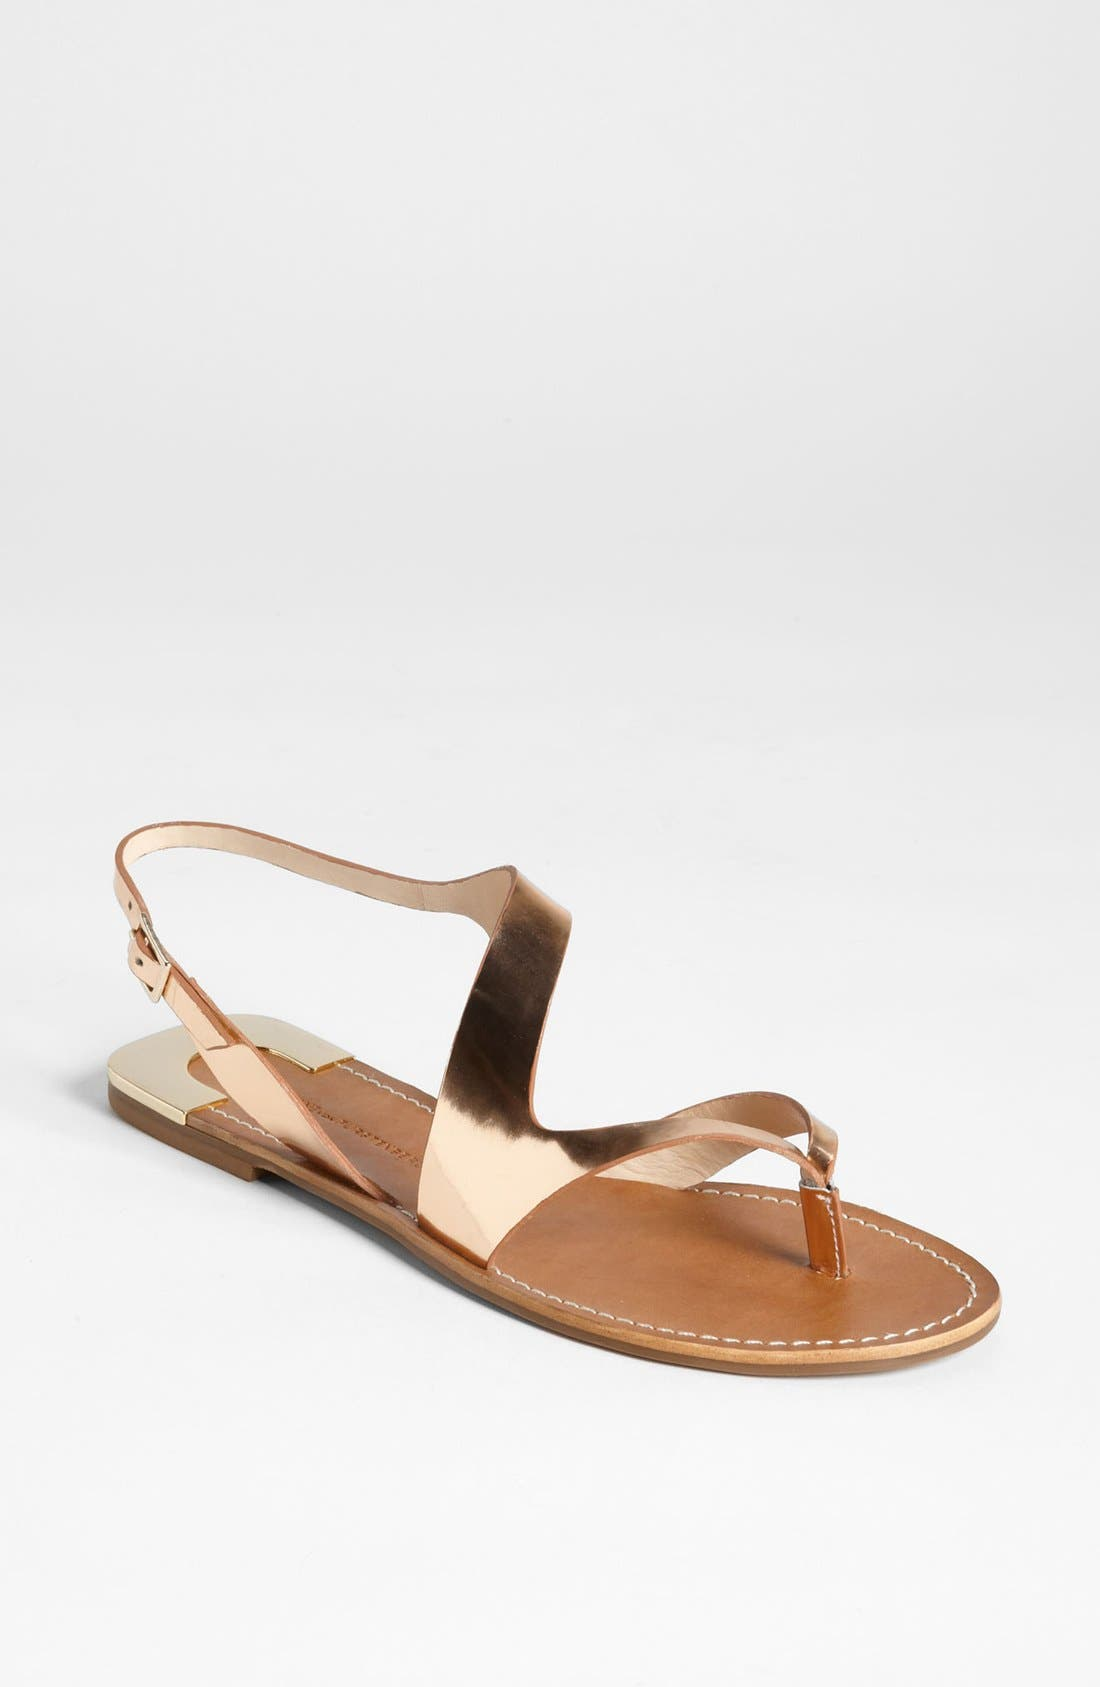 Main Image - Diane von Furstenberg 'Daphne' Sandal (Online Only)